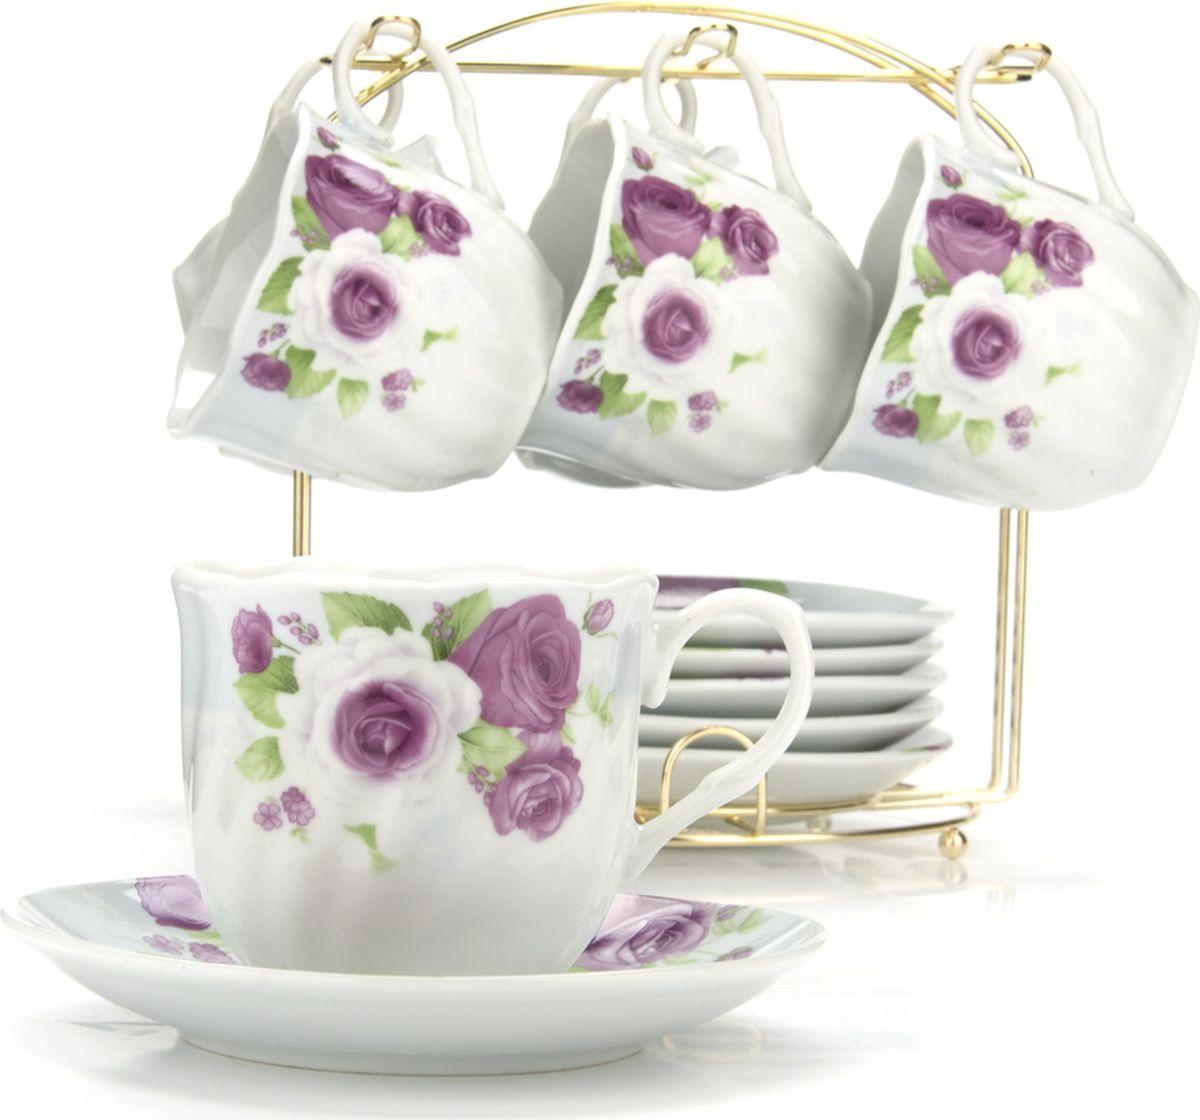 Сервиз чайный Loraine, на подставке, 13 предметов. 4328425940Чайный набор состоит из шести чашек, шести блюдец и металлической подставки золотого цвета. Предметы набора изготовлены из качественного фарфора и оформлены красочным цветным рисунком, стенки чашек имеют изящную волнистую поверхность. Чайный набор идеально подойдет для сервировки стола и станет отличным подарком к любому празднику. Все изделия можно компактно хранить на подставке, входящей в набор. Подходит для мытья в посудомоечной машине.Диаметр чашки: 8 см.Высота чашки: 7 см.Объем чашки: 200 мл.Диаметр блюдца: 13,5 см.